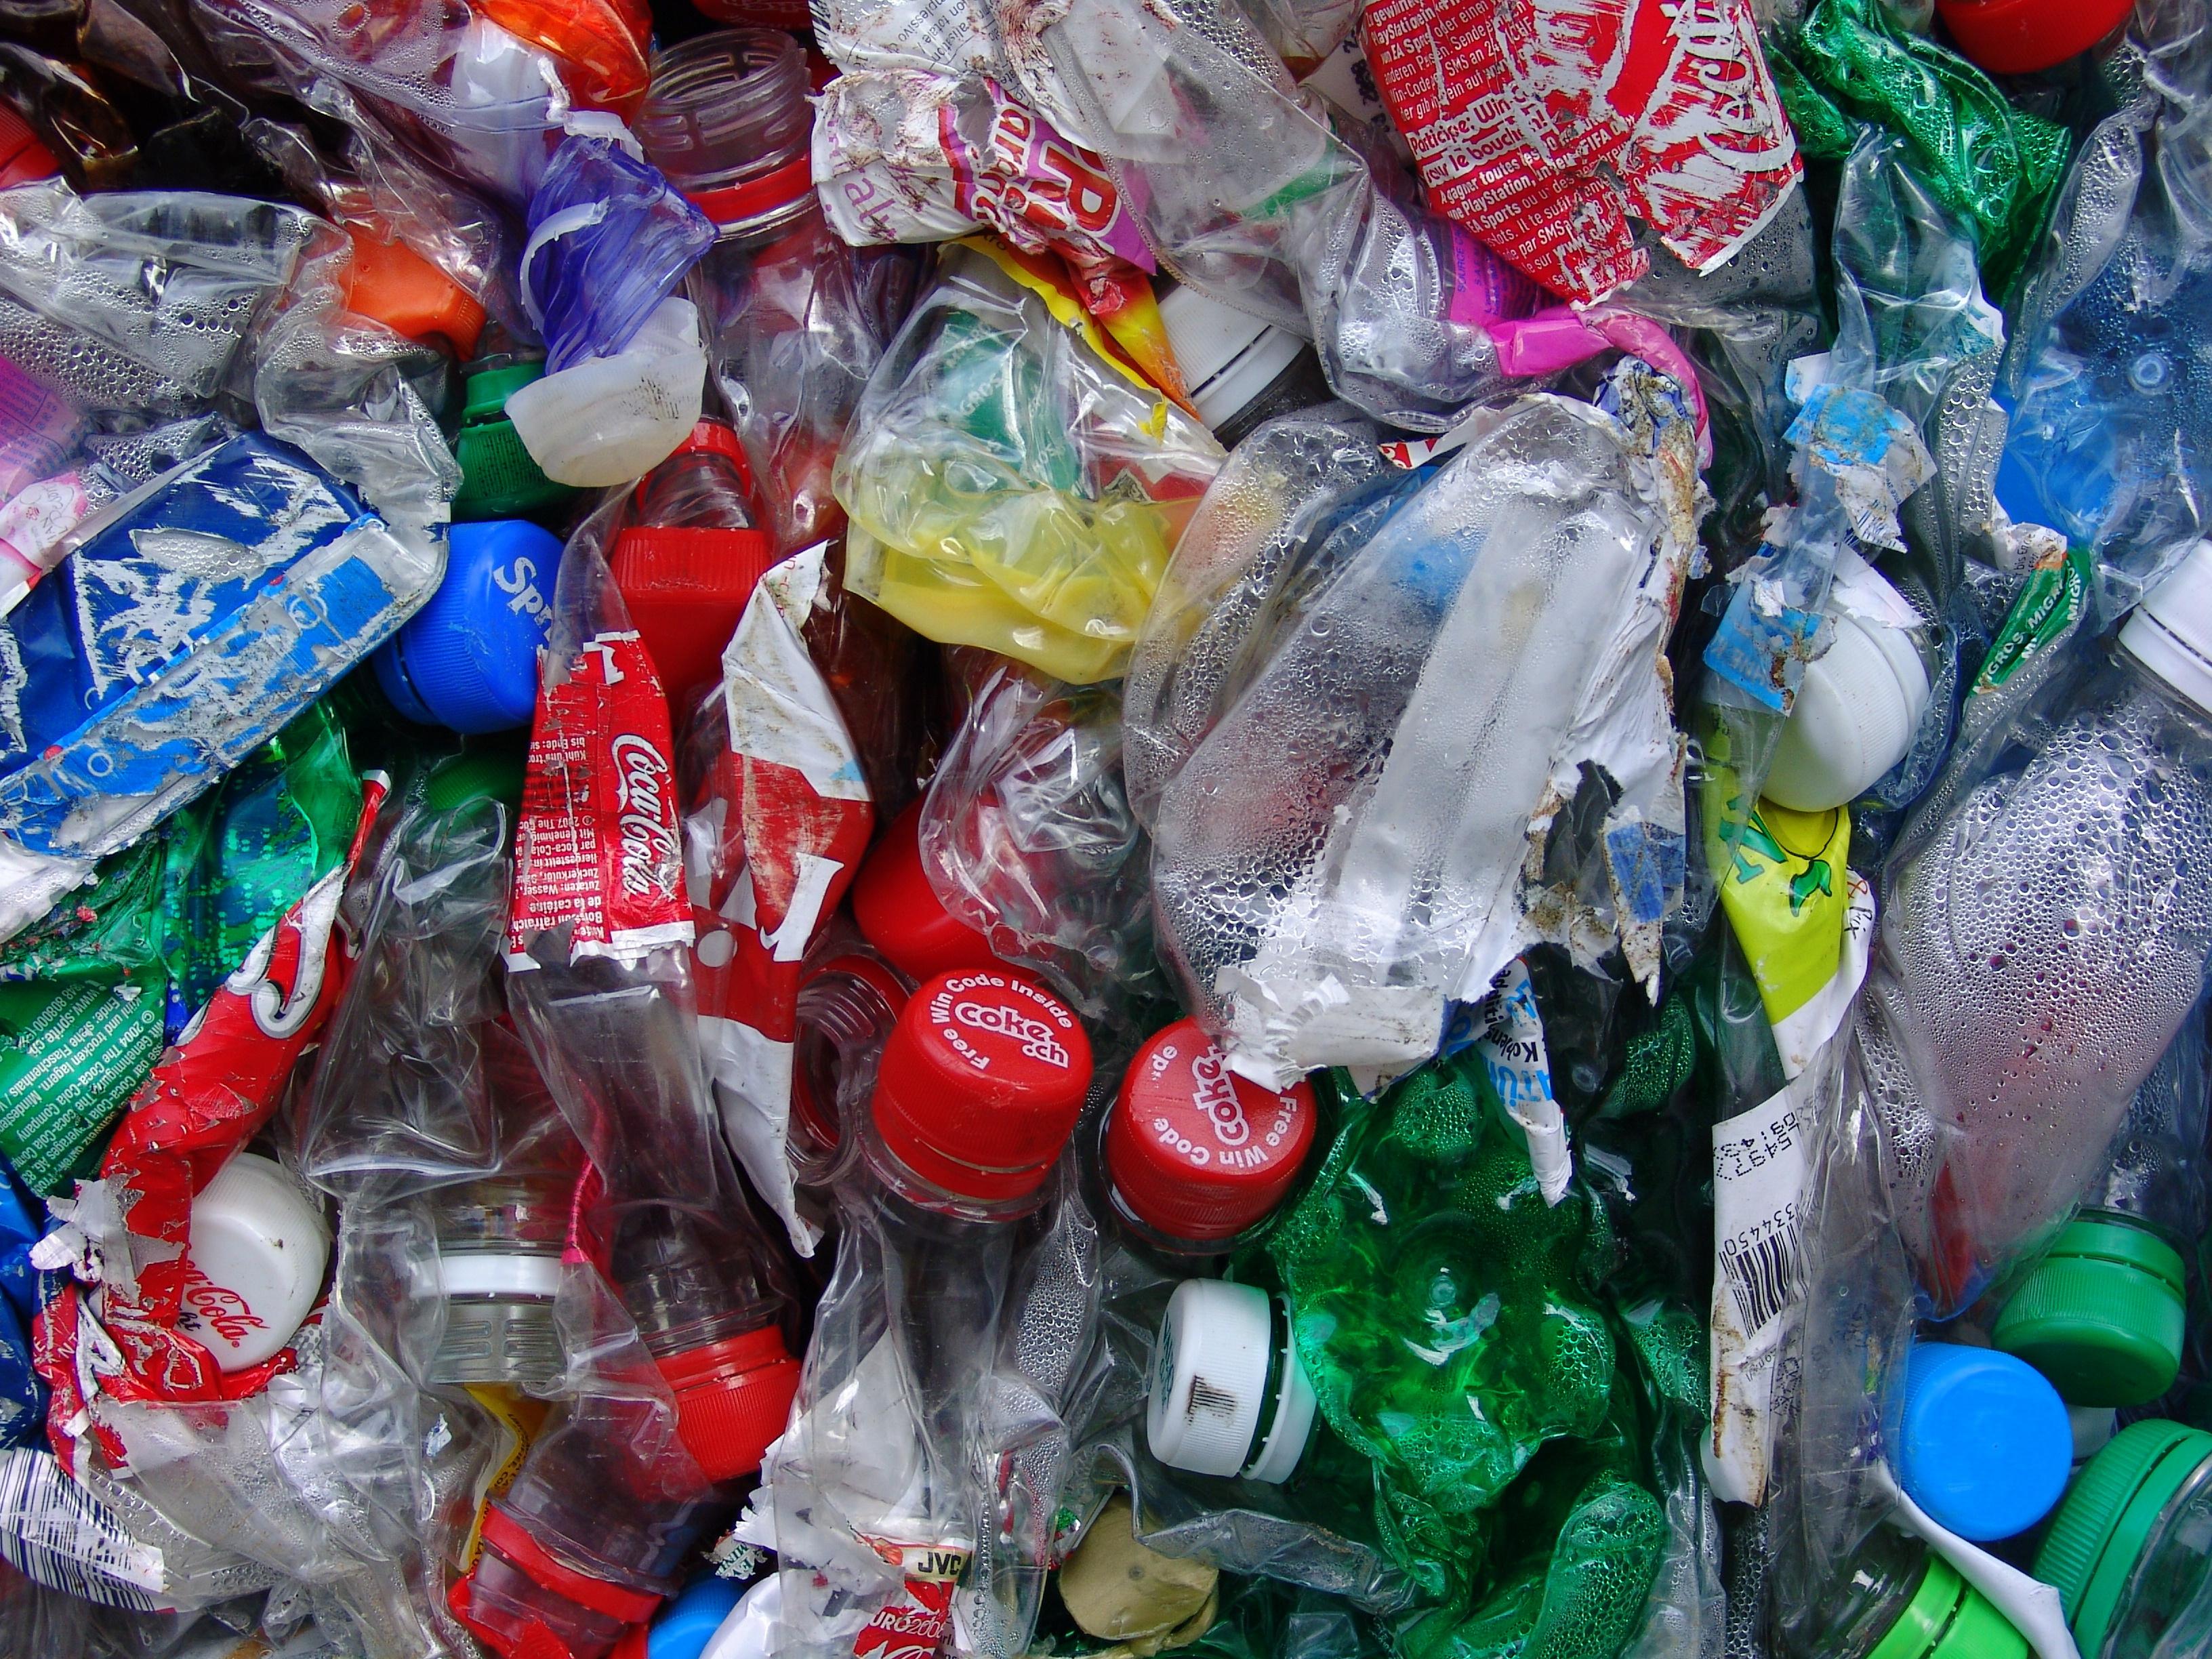 Die EU Abfallvermeidung durch Kreislaufwirtschaft stärken.